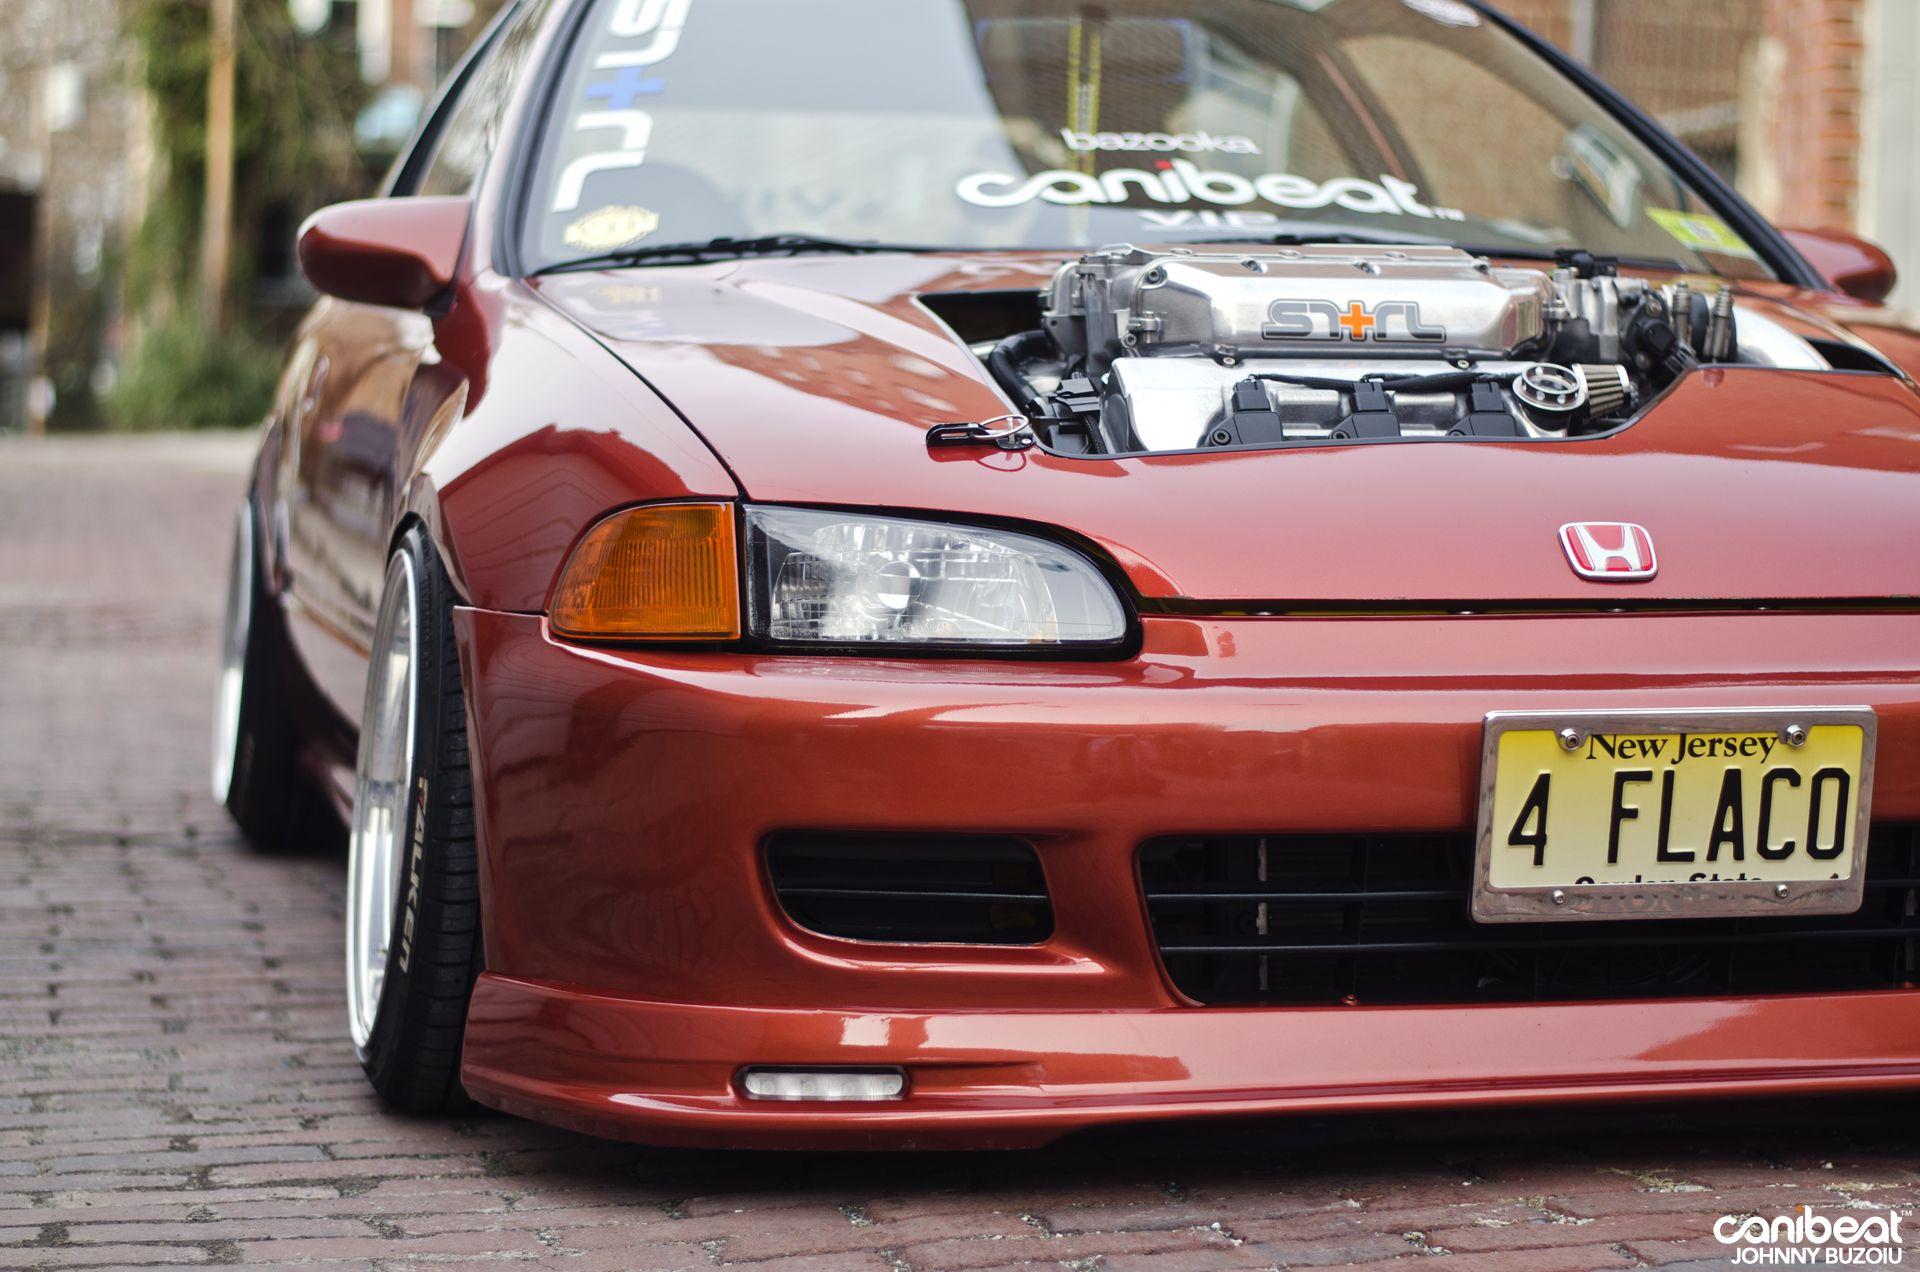 1992 Honda Civic Dx Hatchback Canibeat Honda Civic Honda Honda Civic Dx